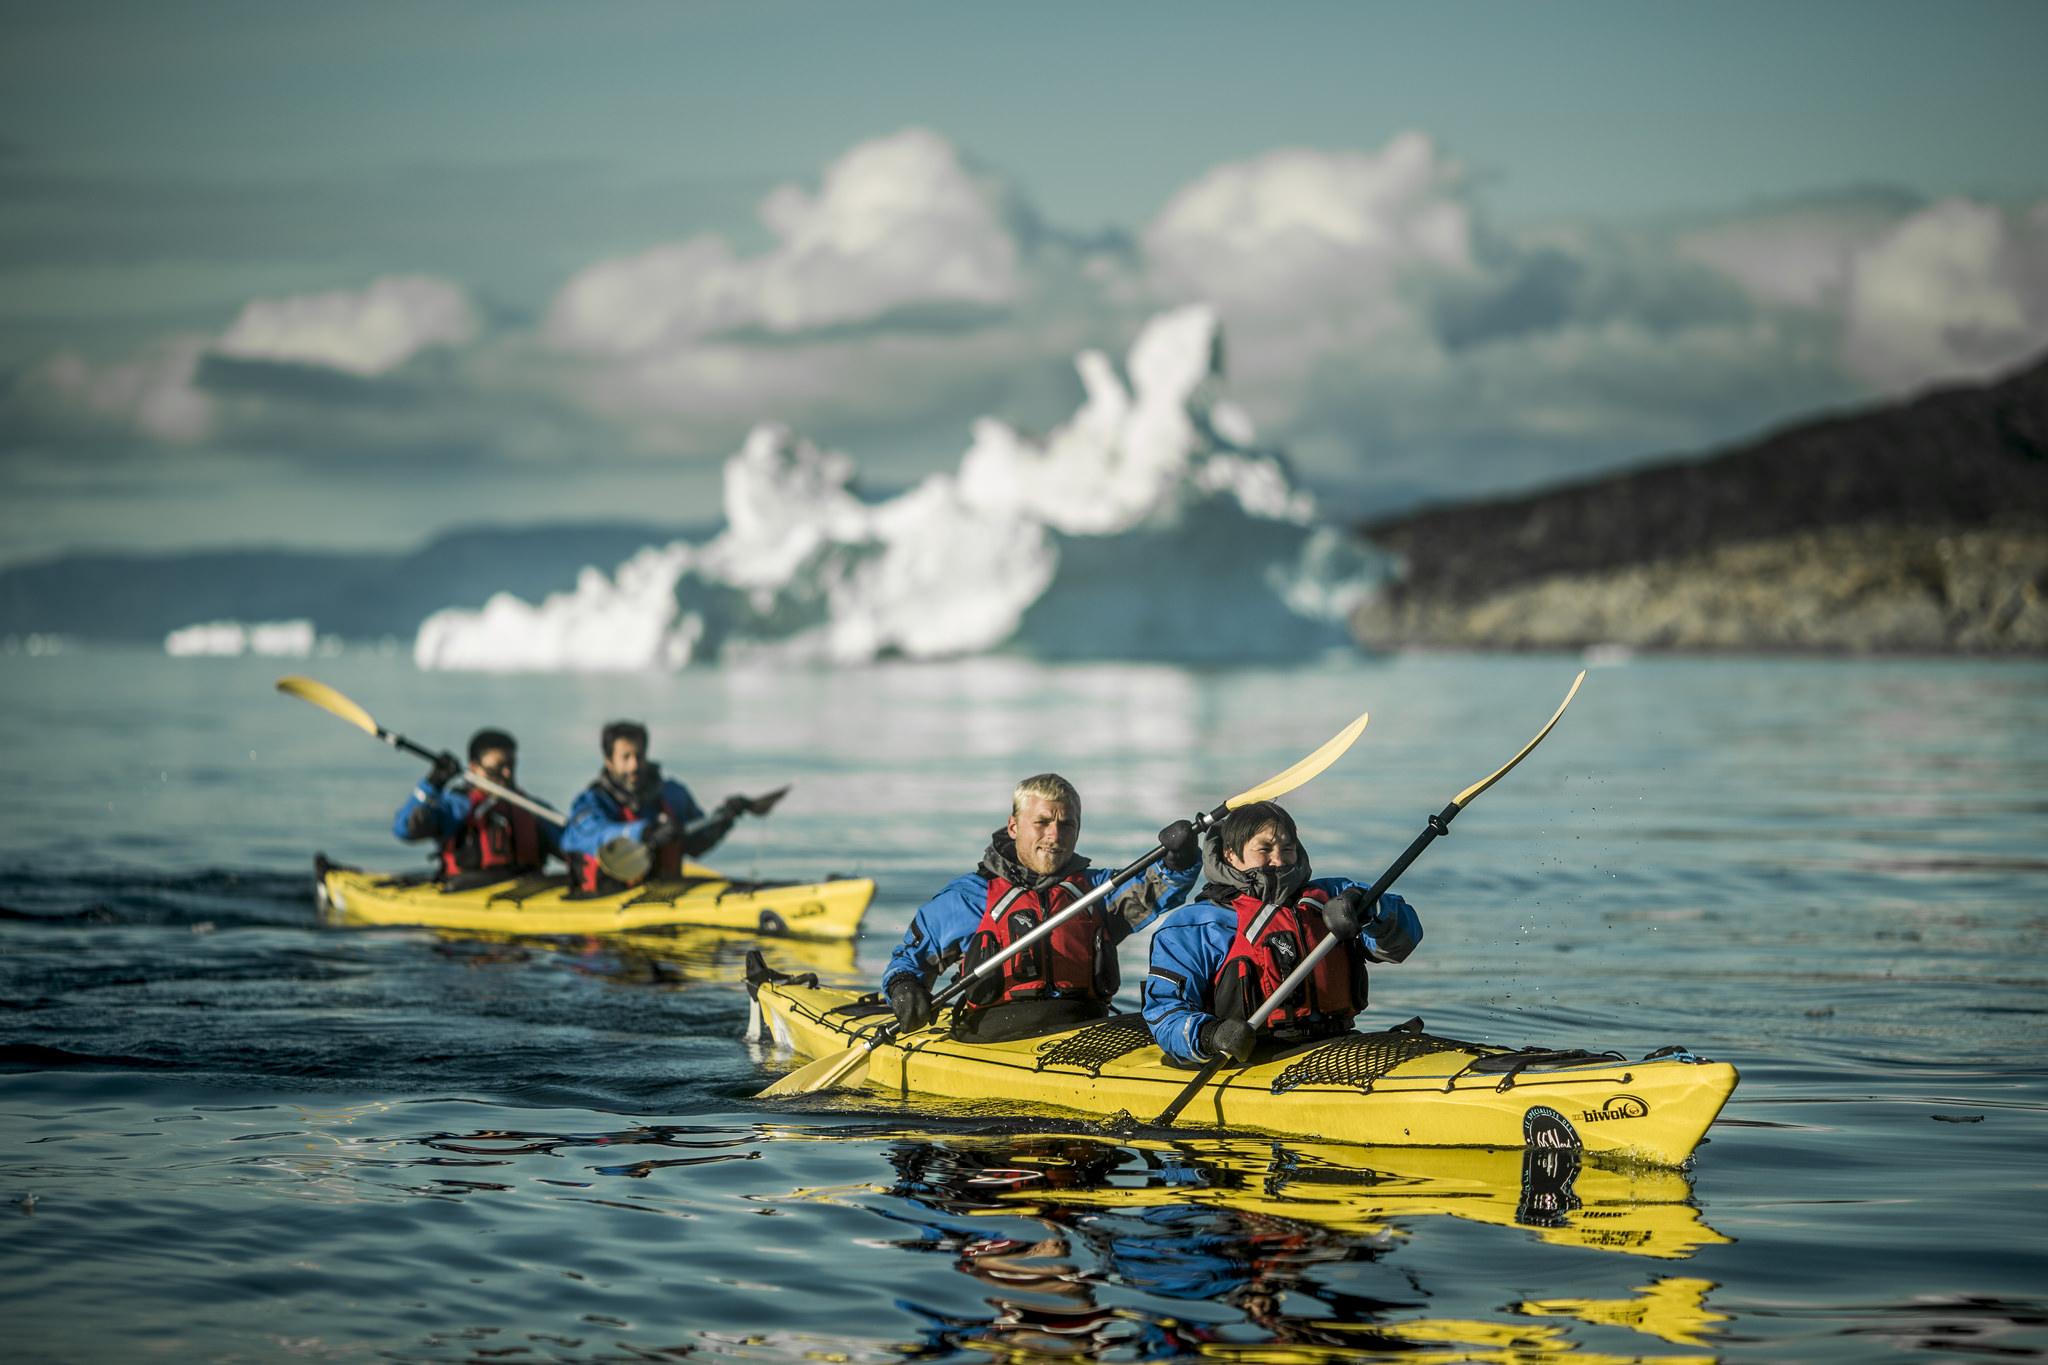 Открытие Аляски: как добраться, что посмотреть и на чем сэкономить Открытие Аляски: как добраться, что посмотреть и на чем сэкономить foto 4